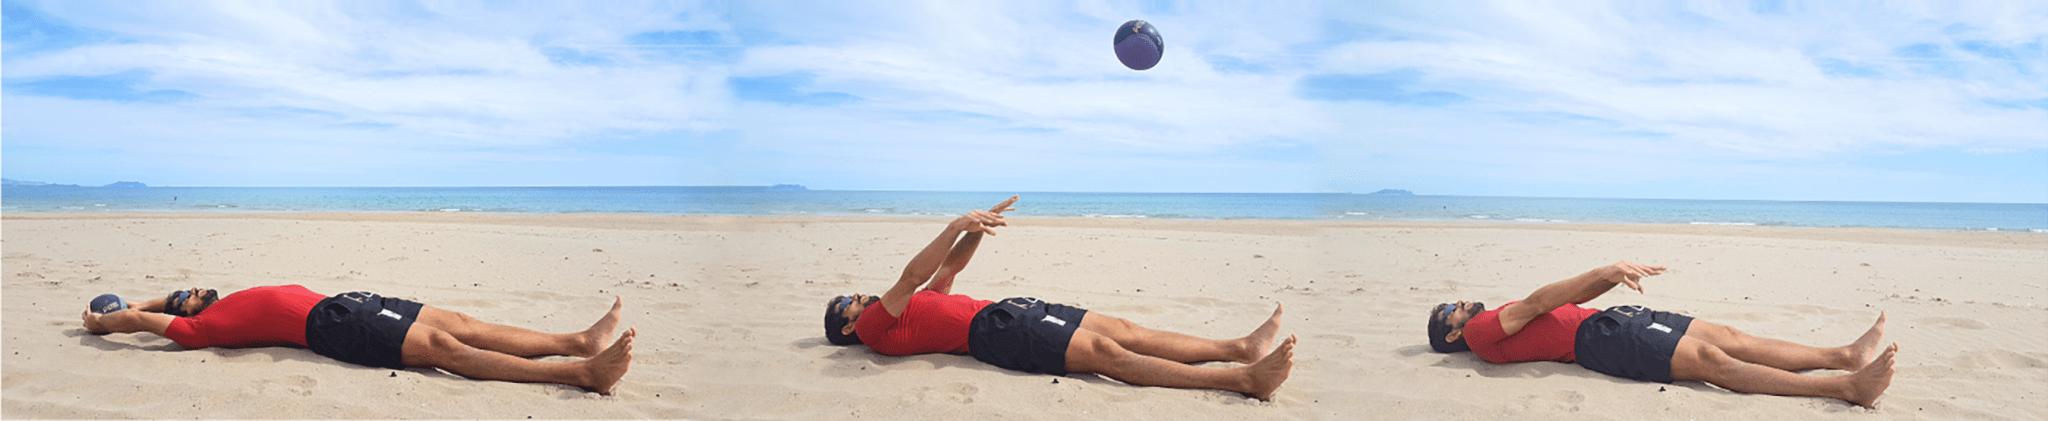 ejercicios de voleibol de playa